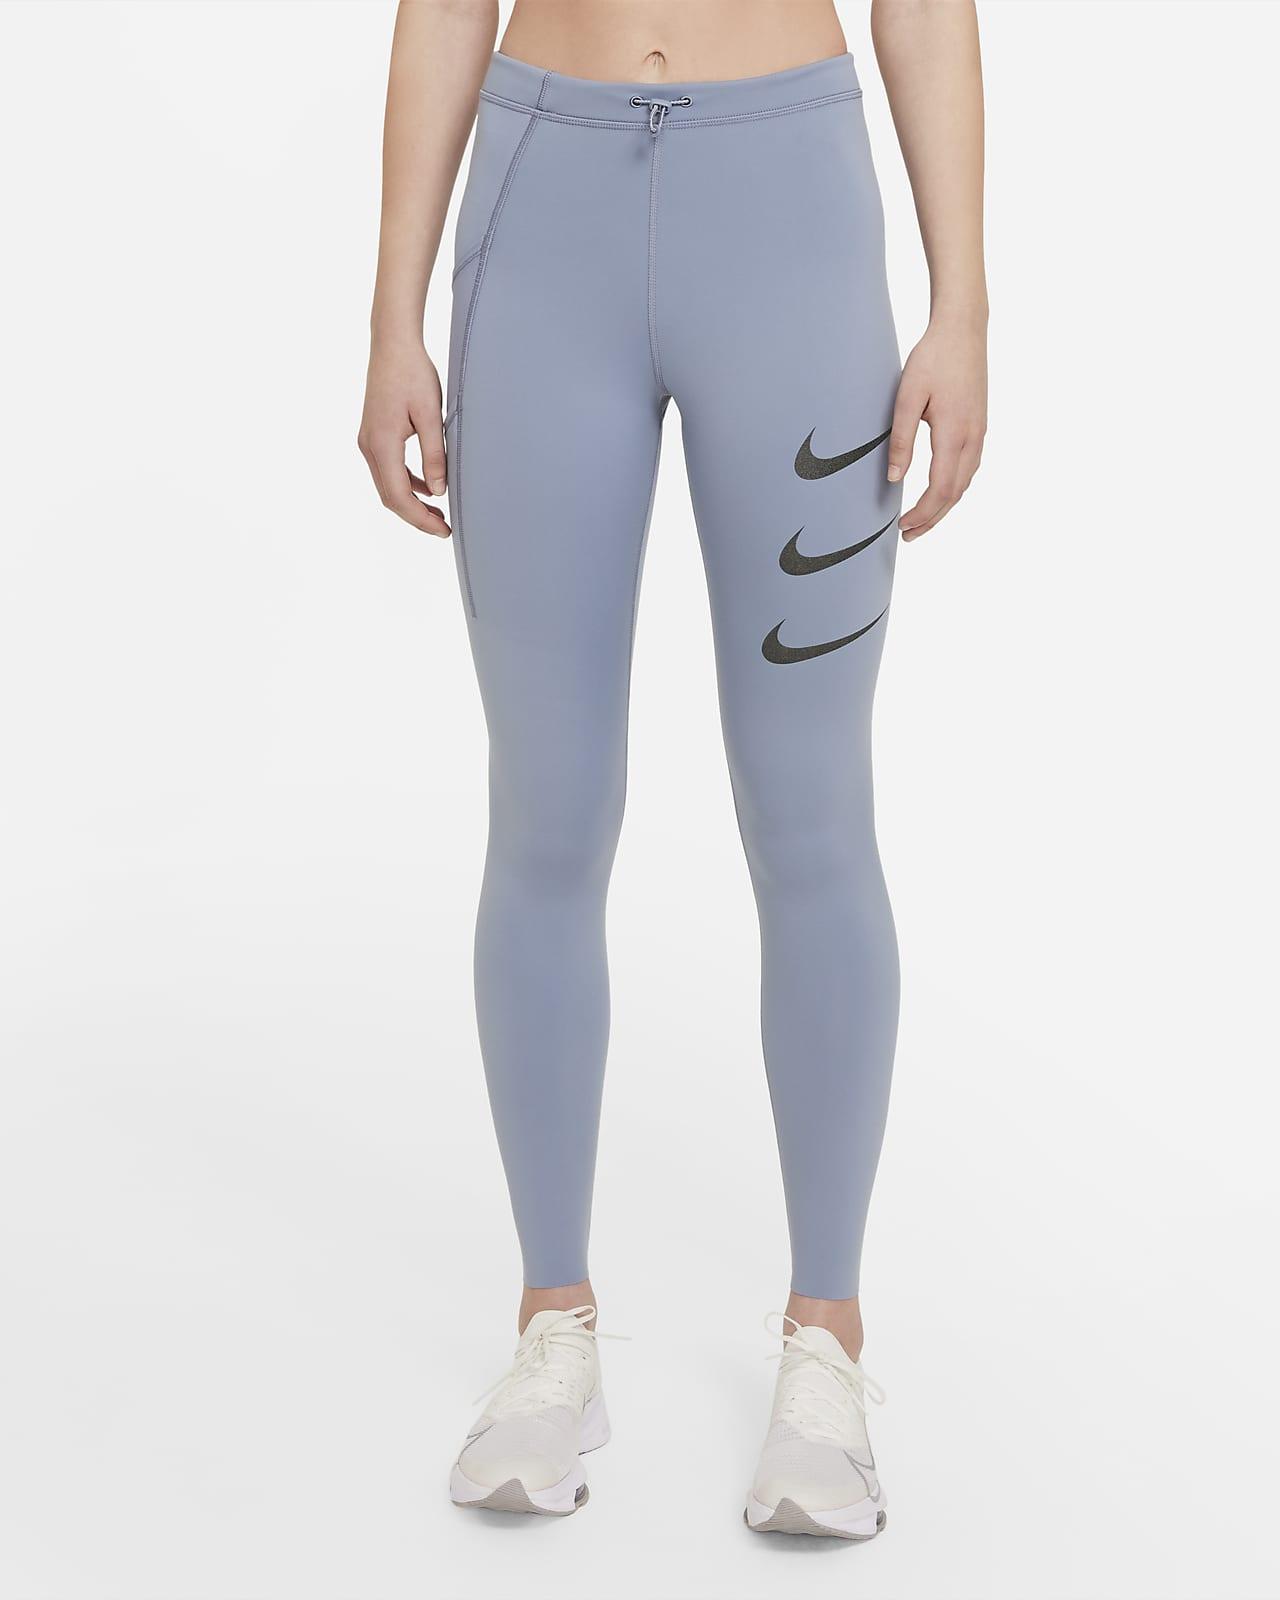 Nike Epic Luxe Run Division Lauf-Leggings mit halbhohem Bund für Damen